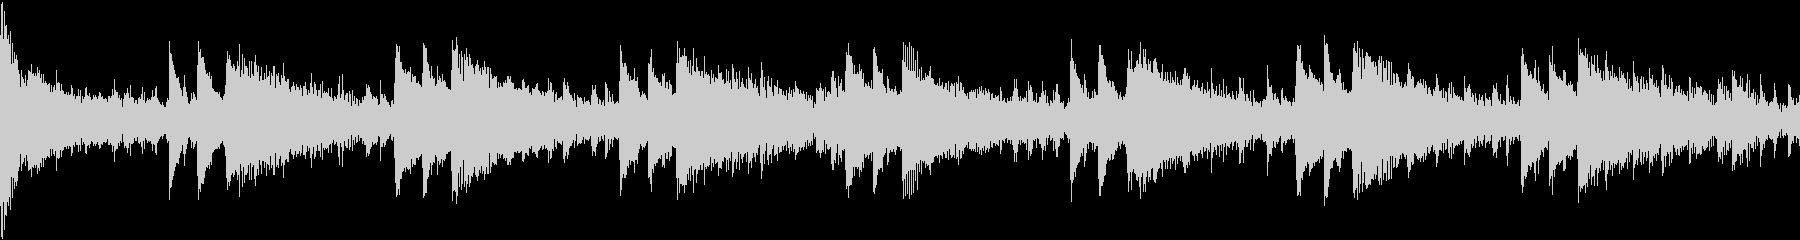 【ループF】パワフルで高揚感ピアノEDMの未再生の波形